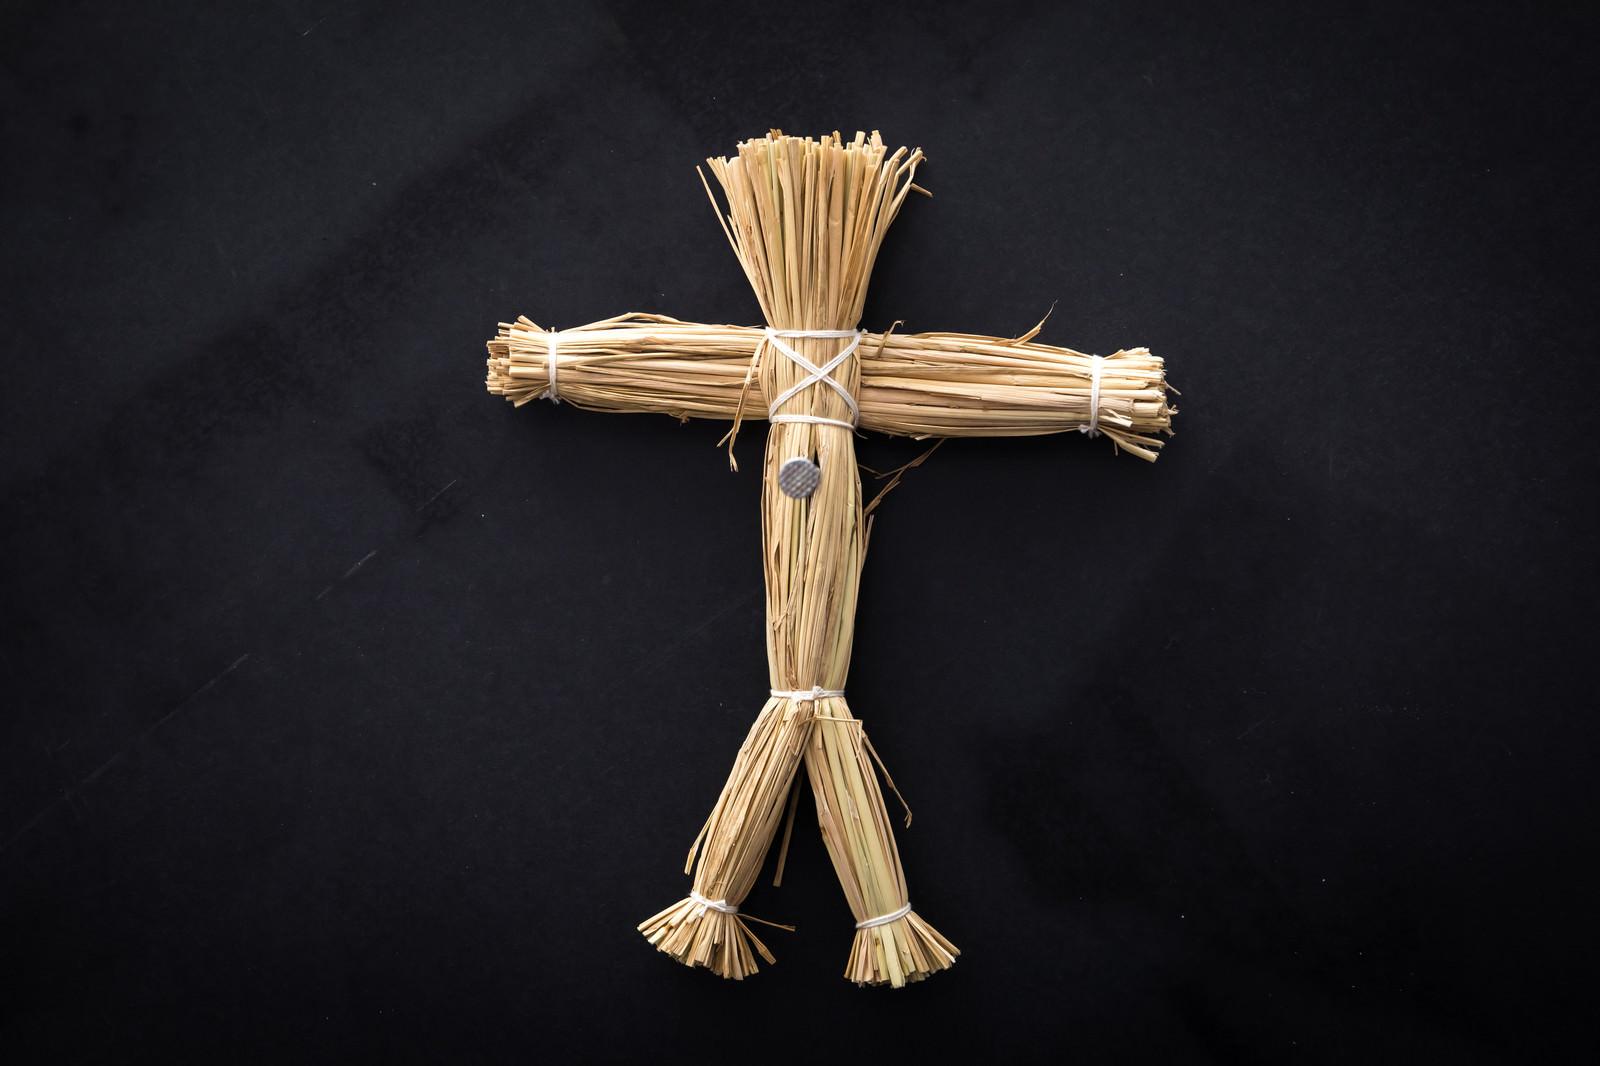 復讐(藁人形)の写真を無料ダウンロード(フリー素材) - ぱくたそ